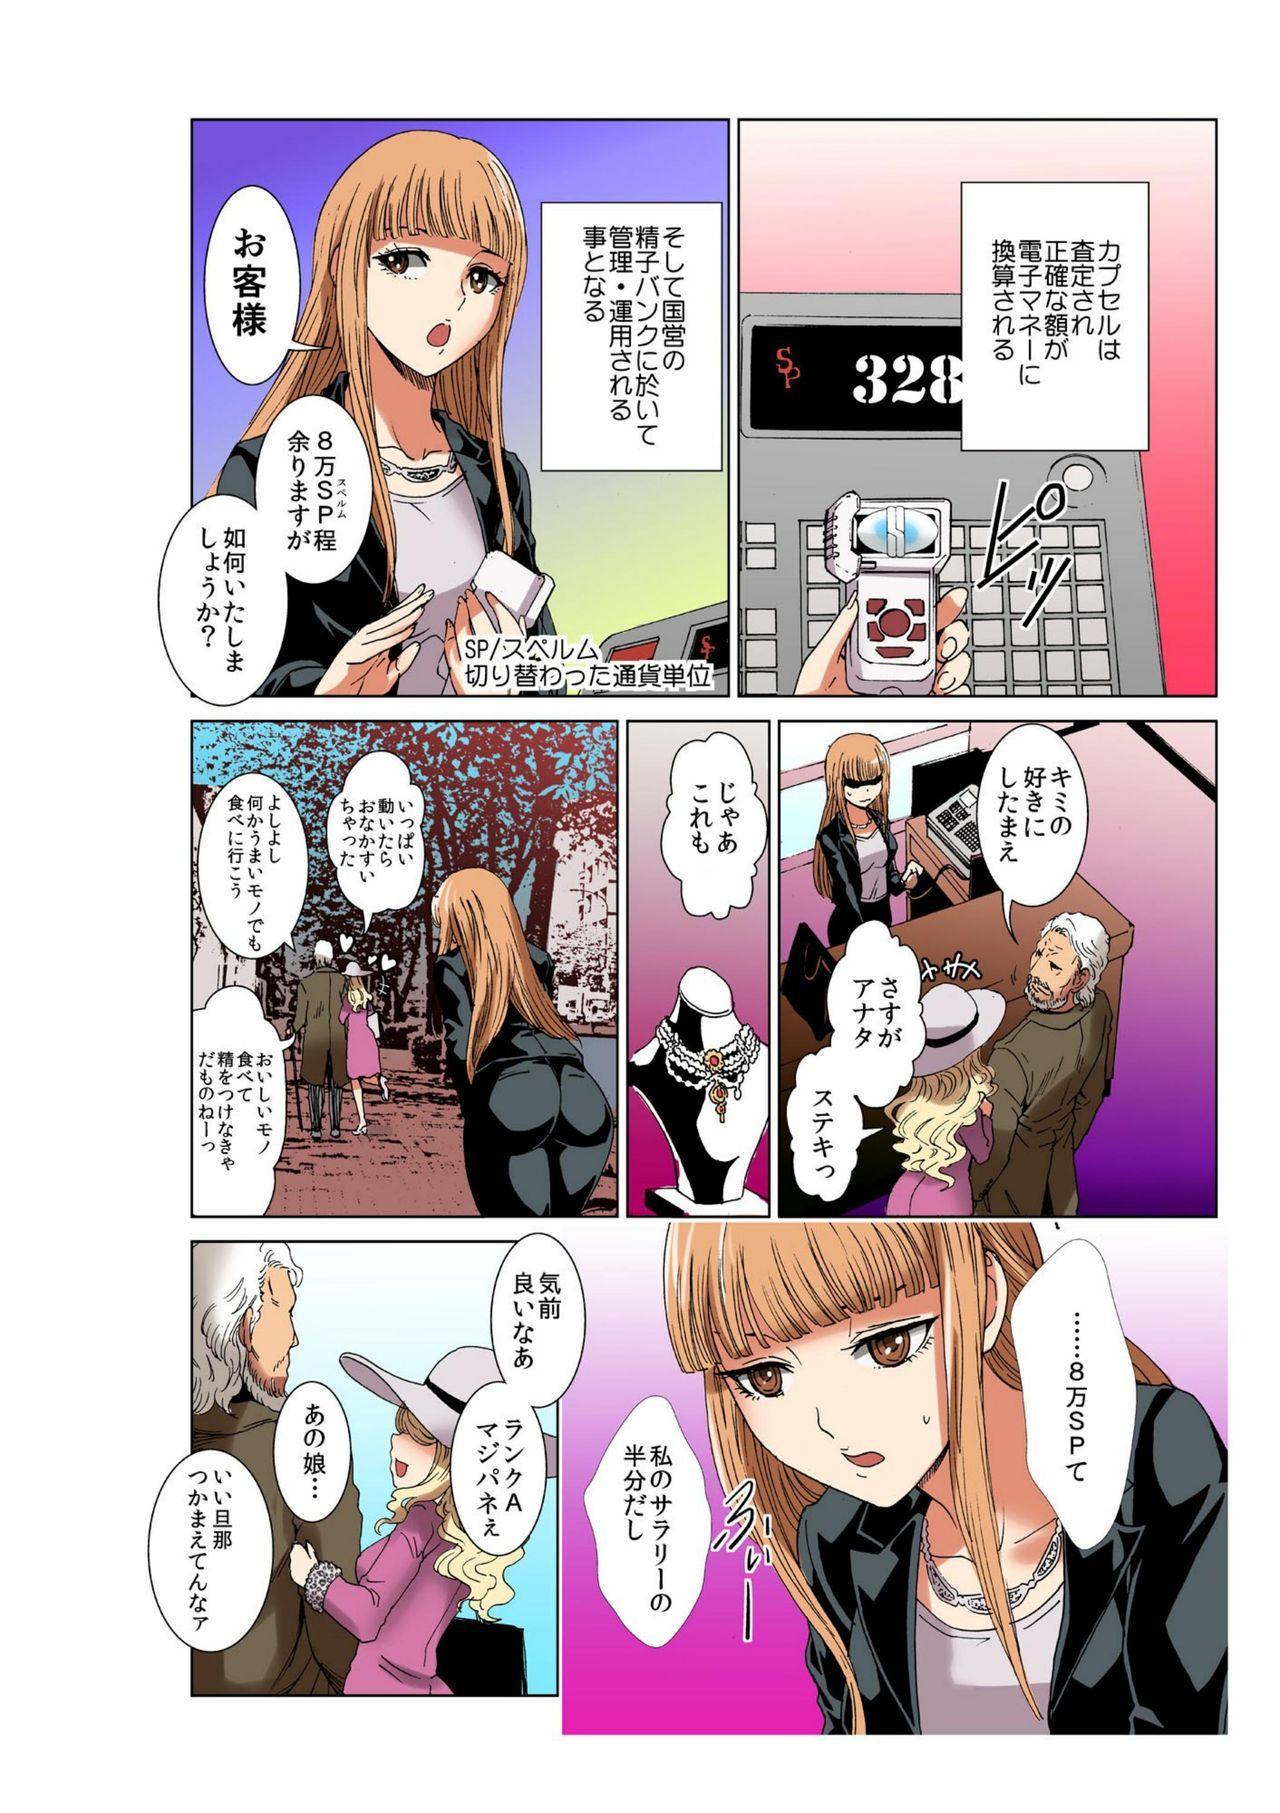 [Rurukichi] Seishi ga Kane ni Naru Jidai ~Mesubuta ga Muragaru Ore-sama no Kokan~ 1 6